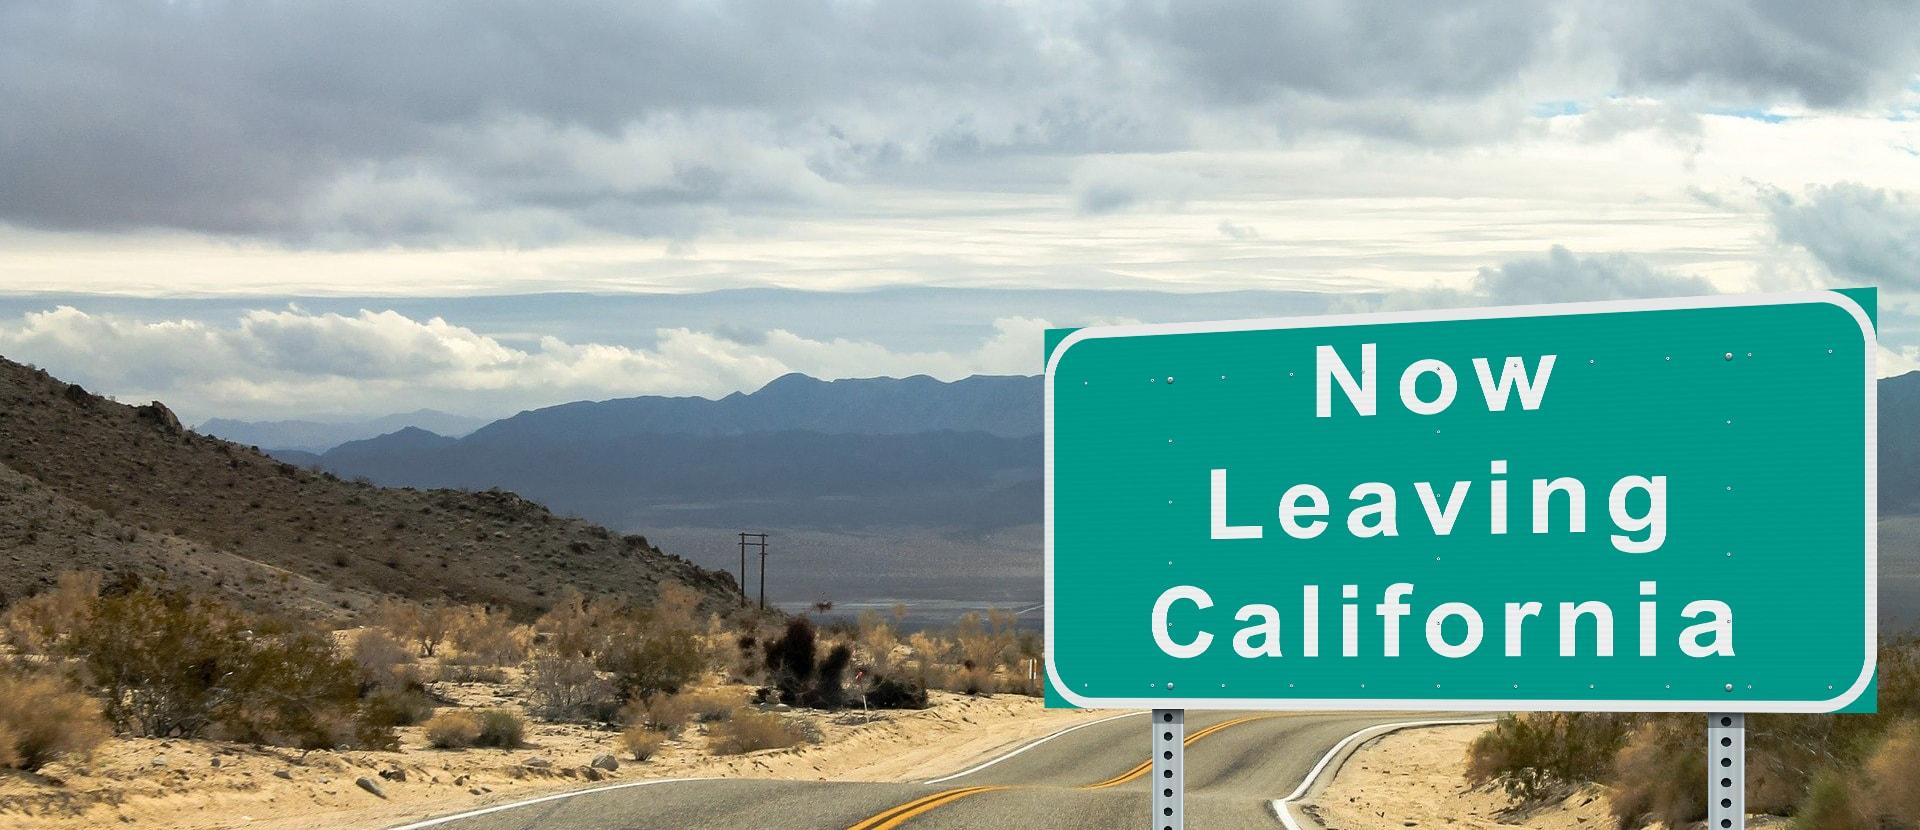 Abandonați nava! Pentru conservatori a sosit vremea să părăsească Statul California